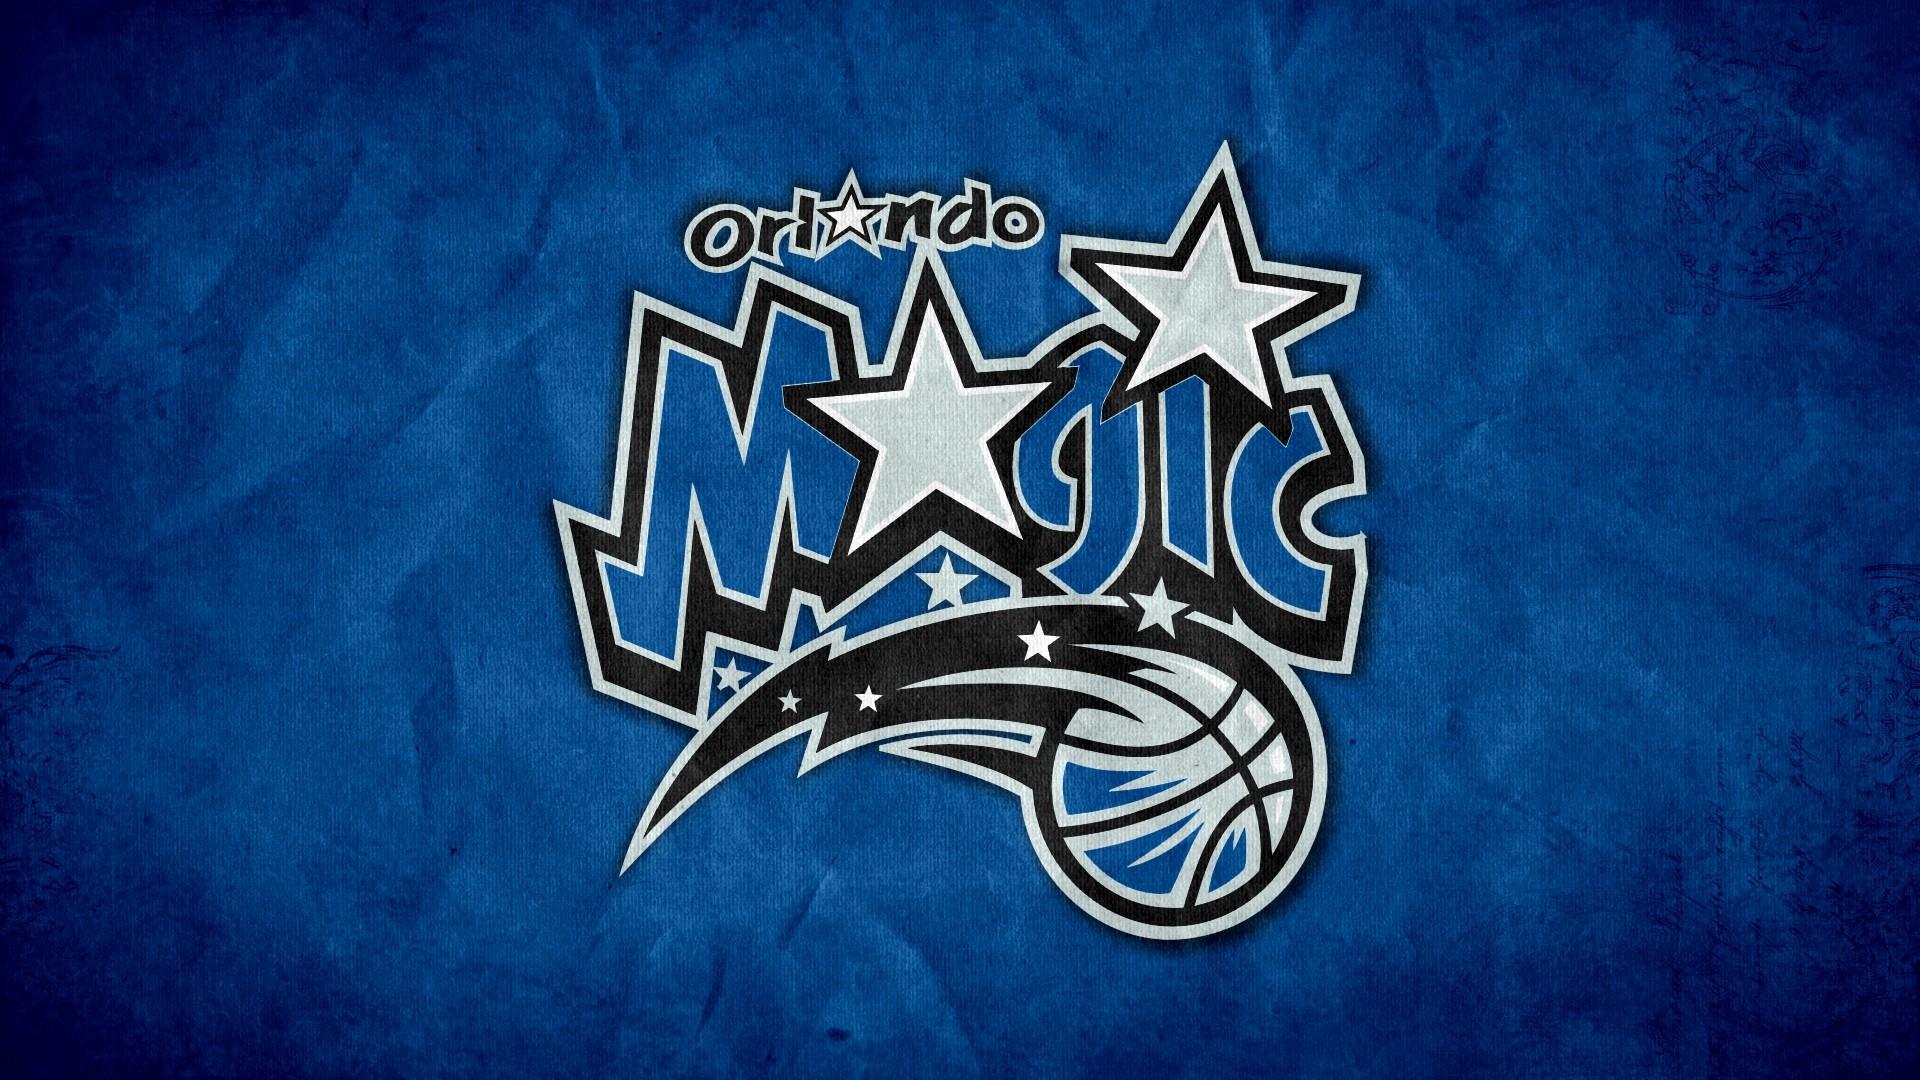 ORLANDO MAGIC nba basketball 13 wallpaper 1920x1080 1920x1080